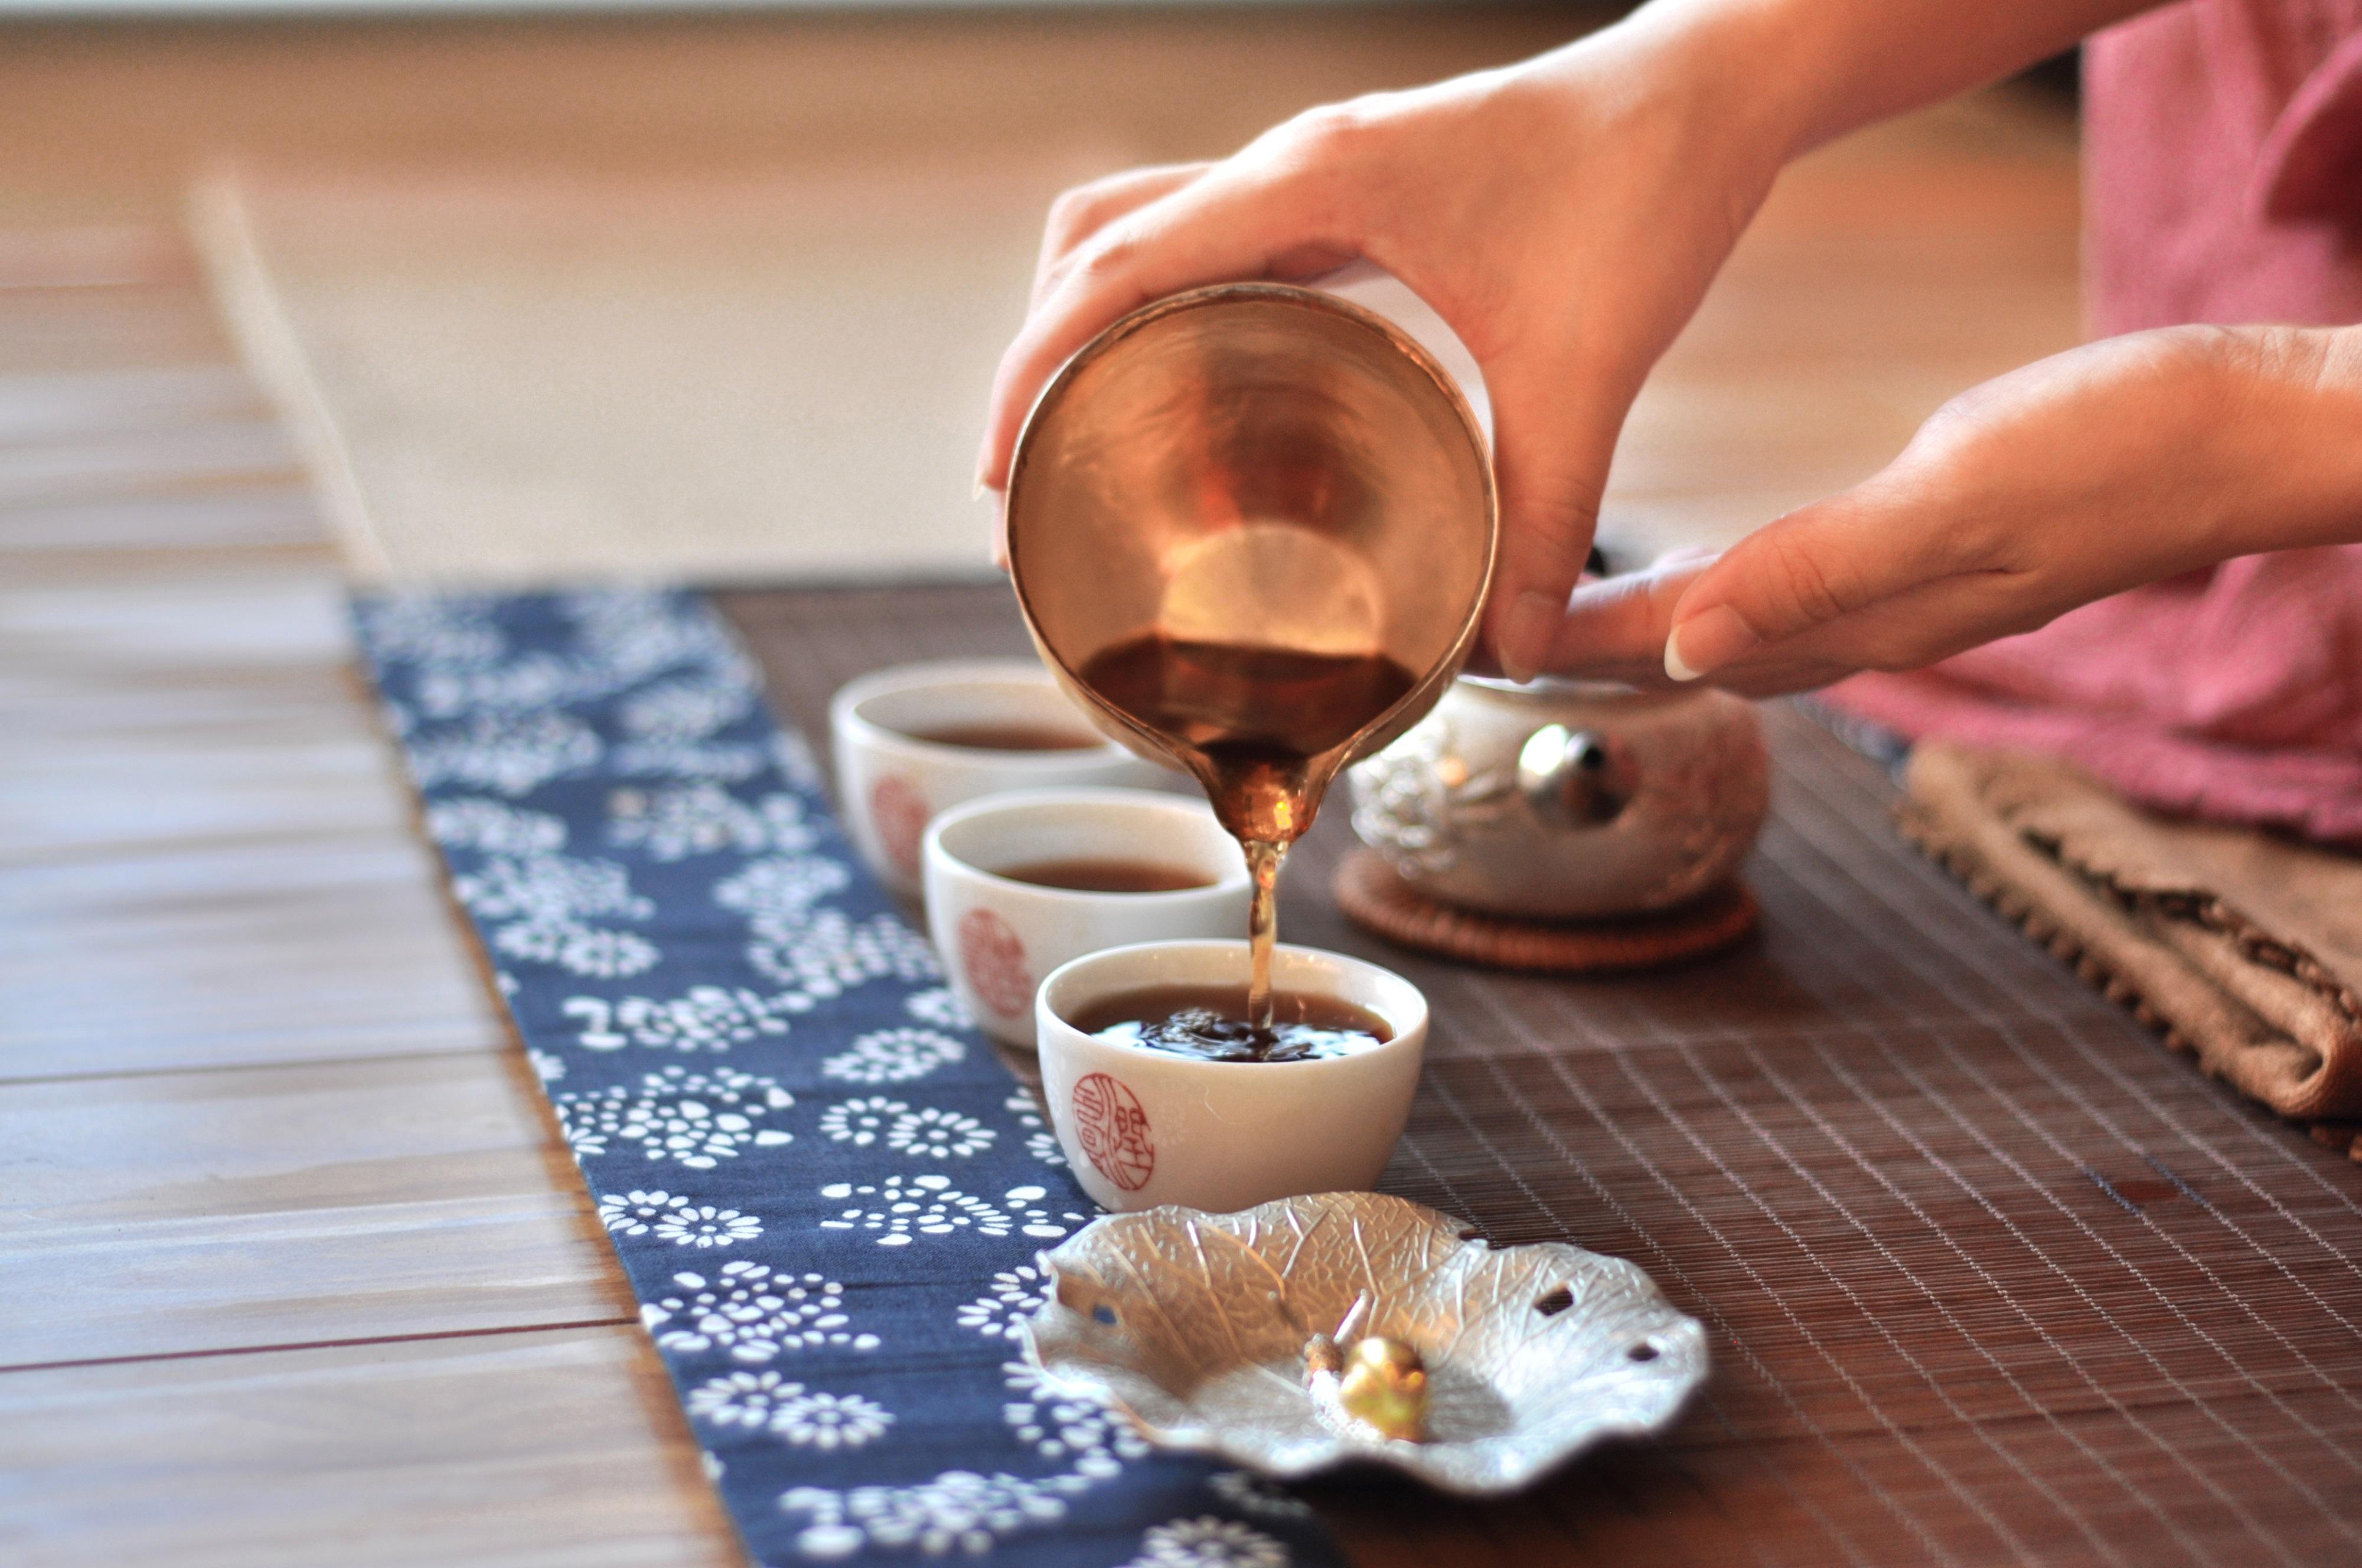 知识付费时代的到来,对茶行业有什么启示-DSC_0528